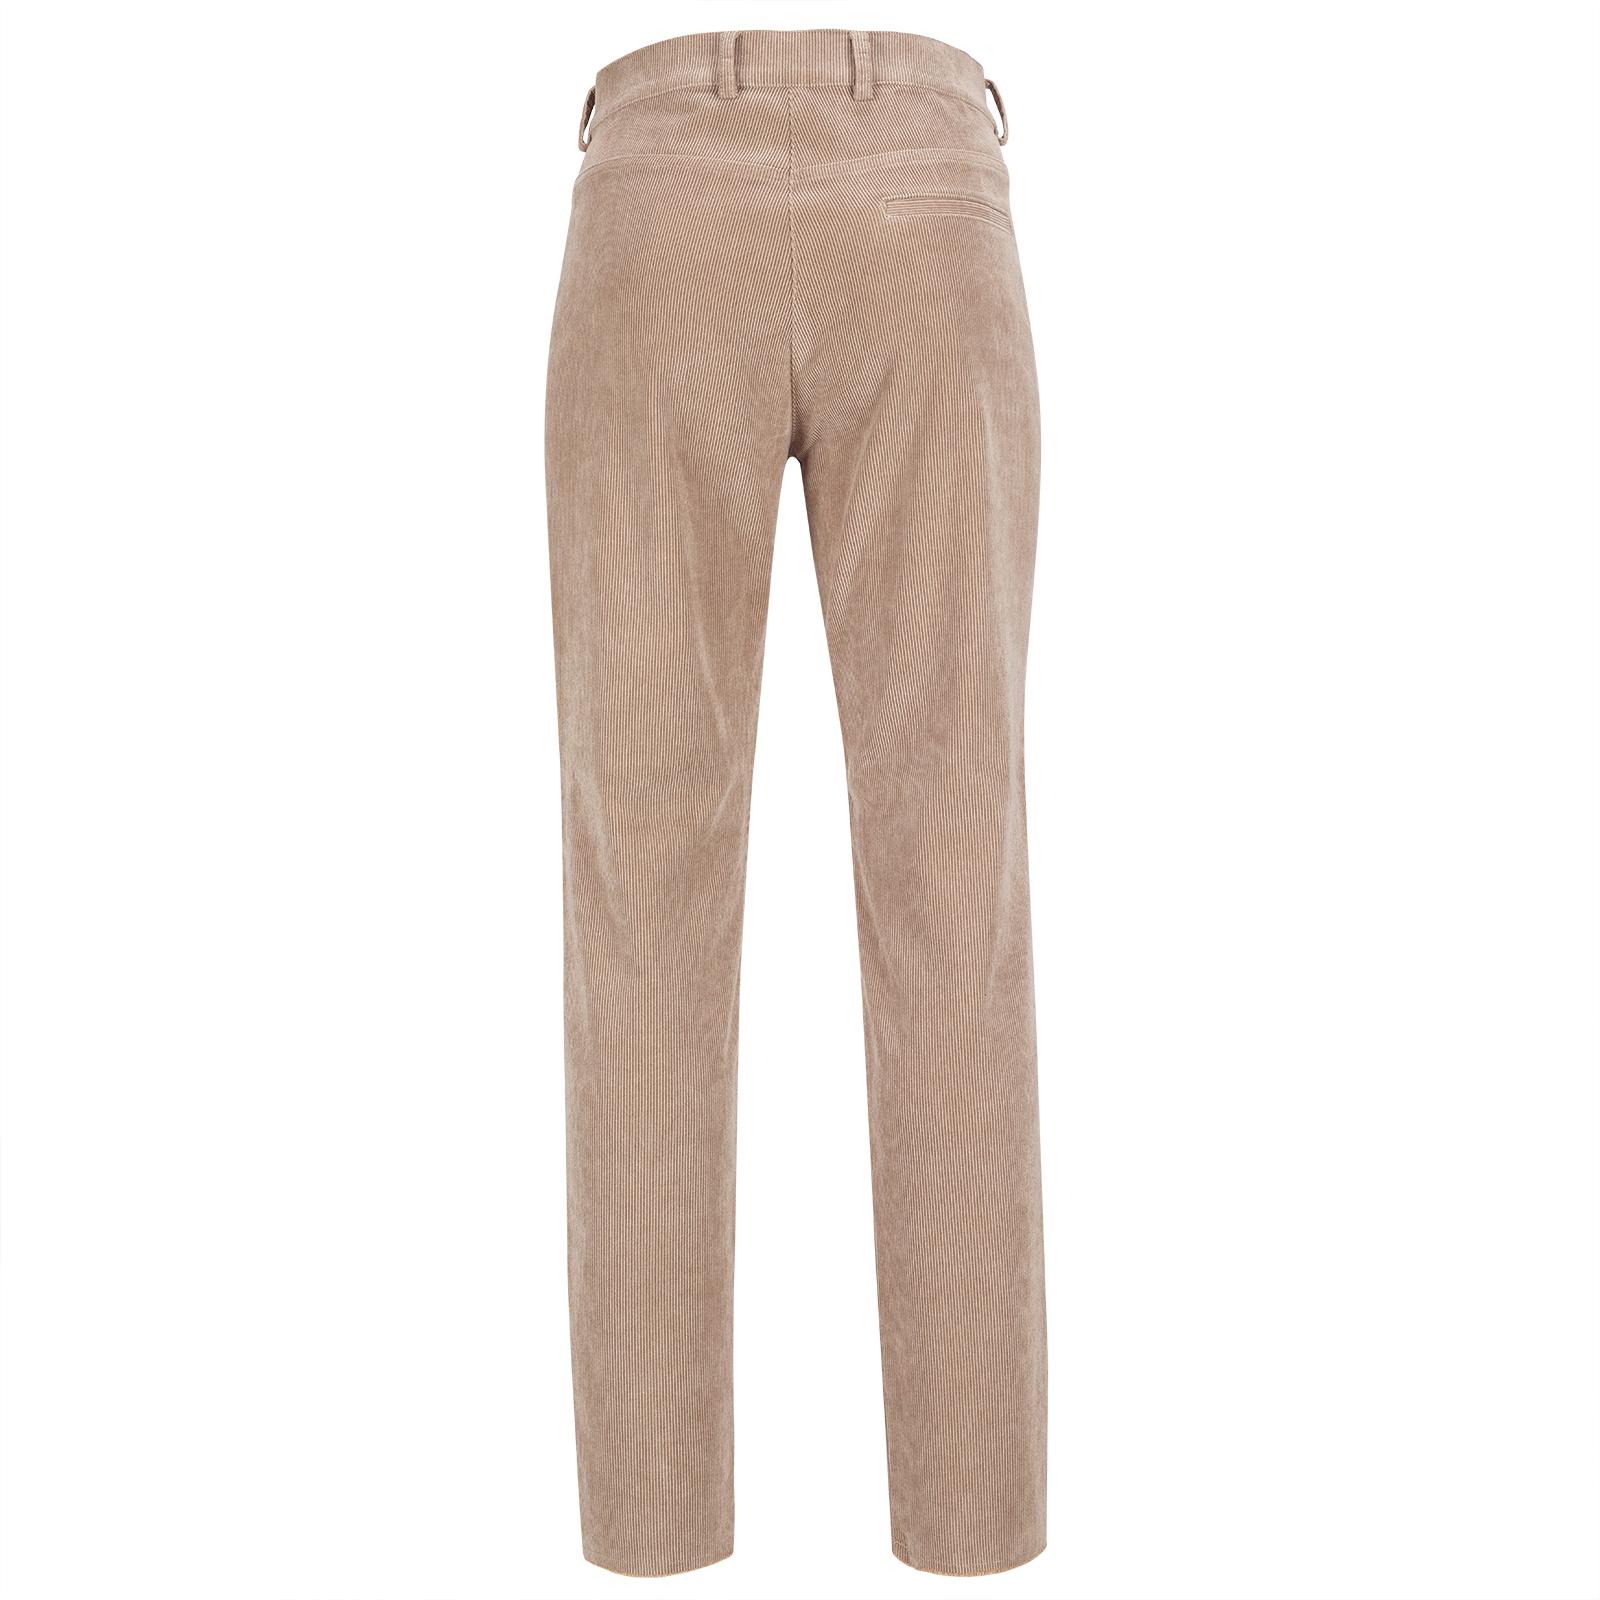 Damen 7/8 Slim-Fit Designer-Cord Golfhose aus weicher Cotton-Blend